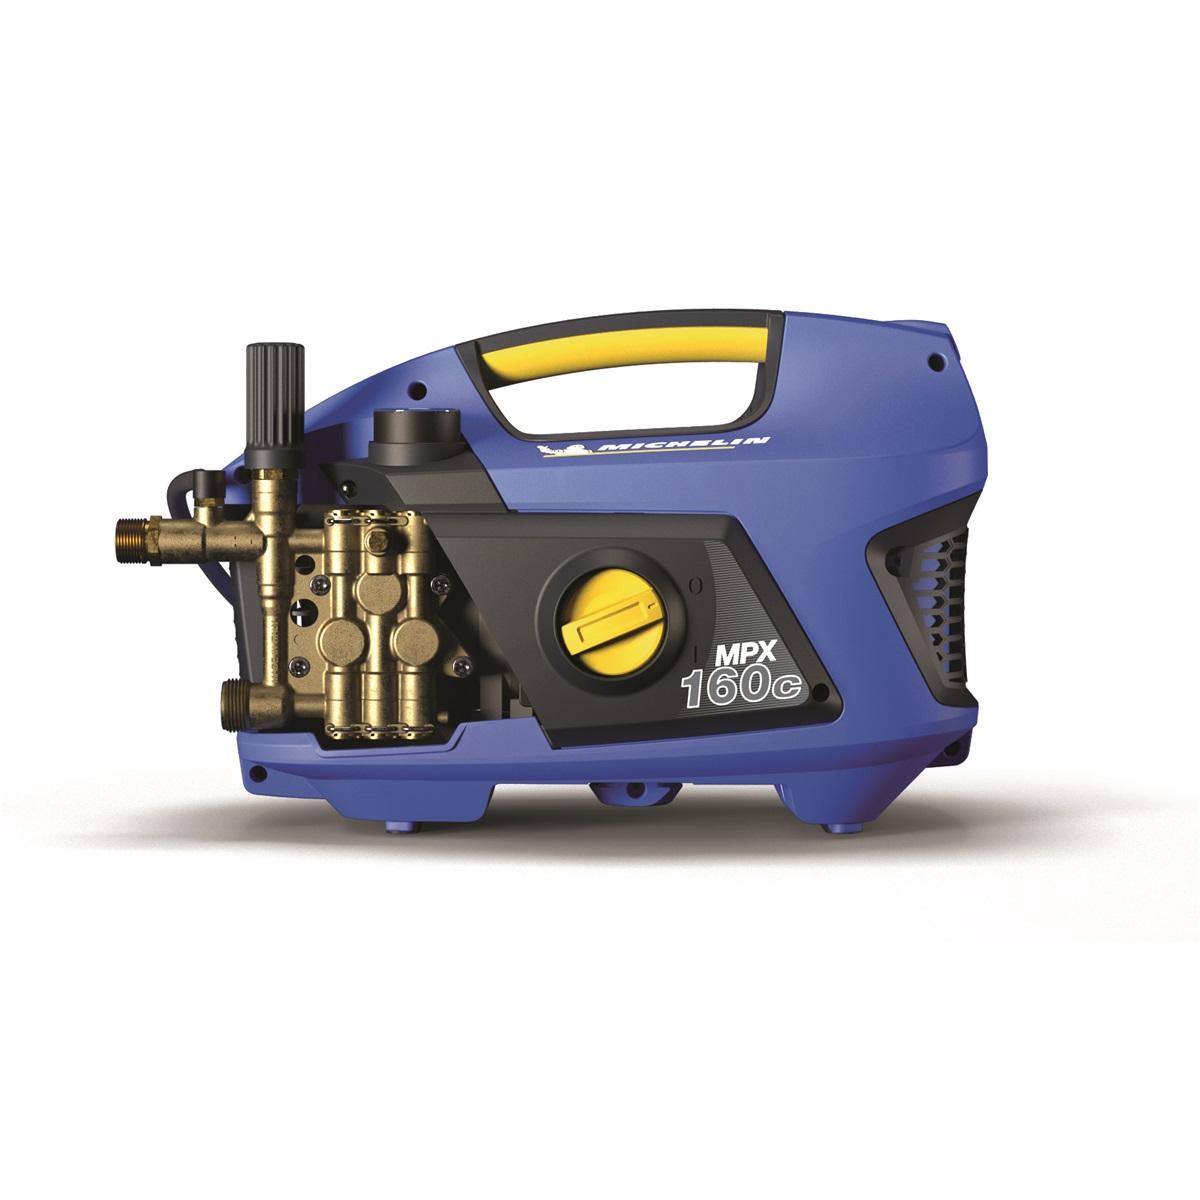 elektrický vysokotlakový čistič s indukčným motorom 160 bar Michelin MPX160C